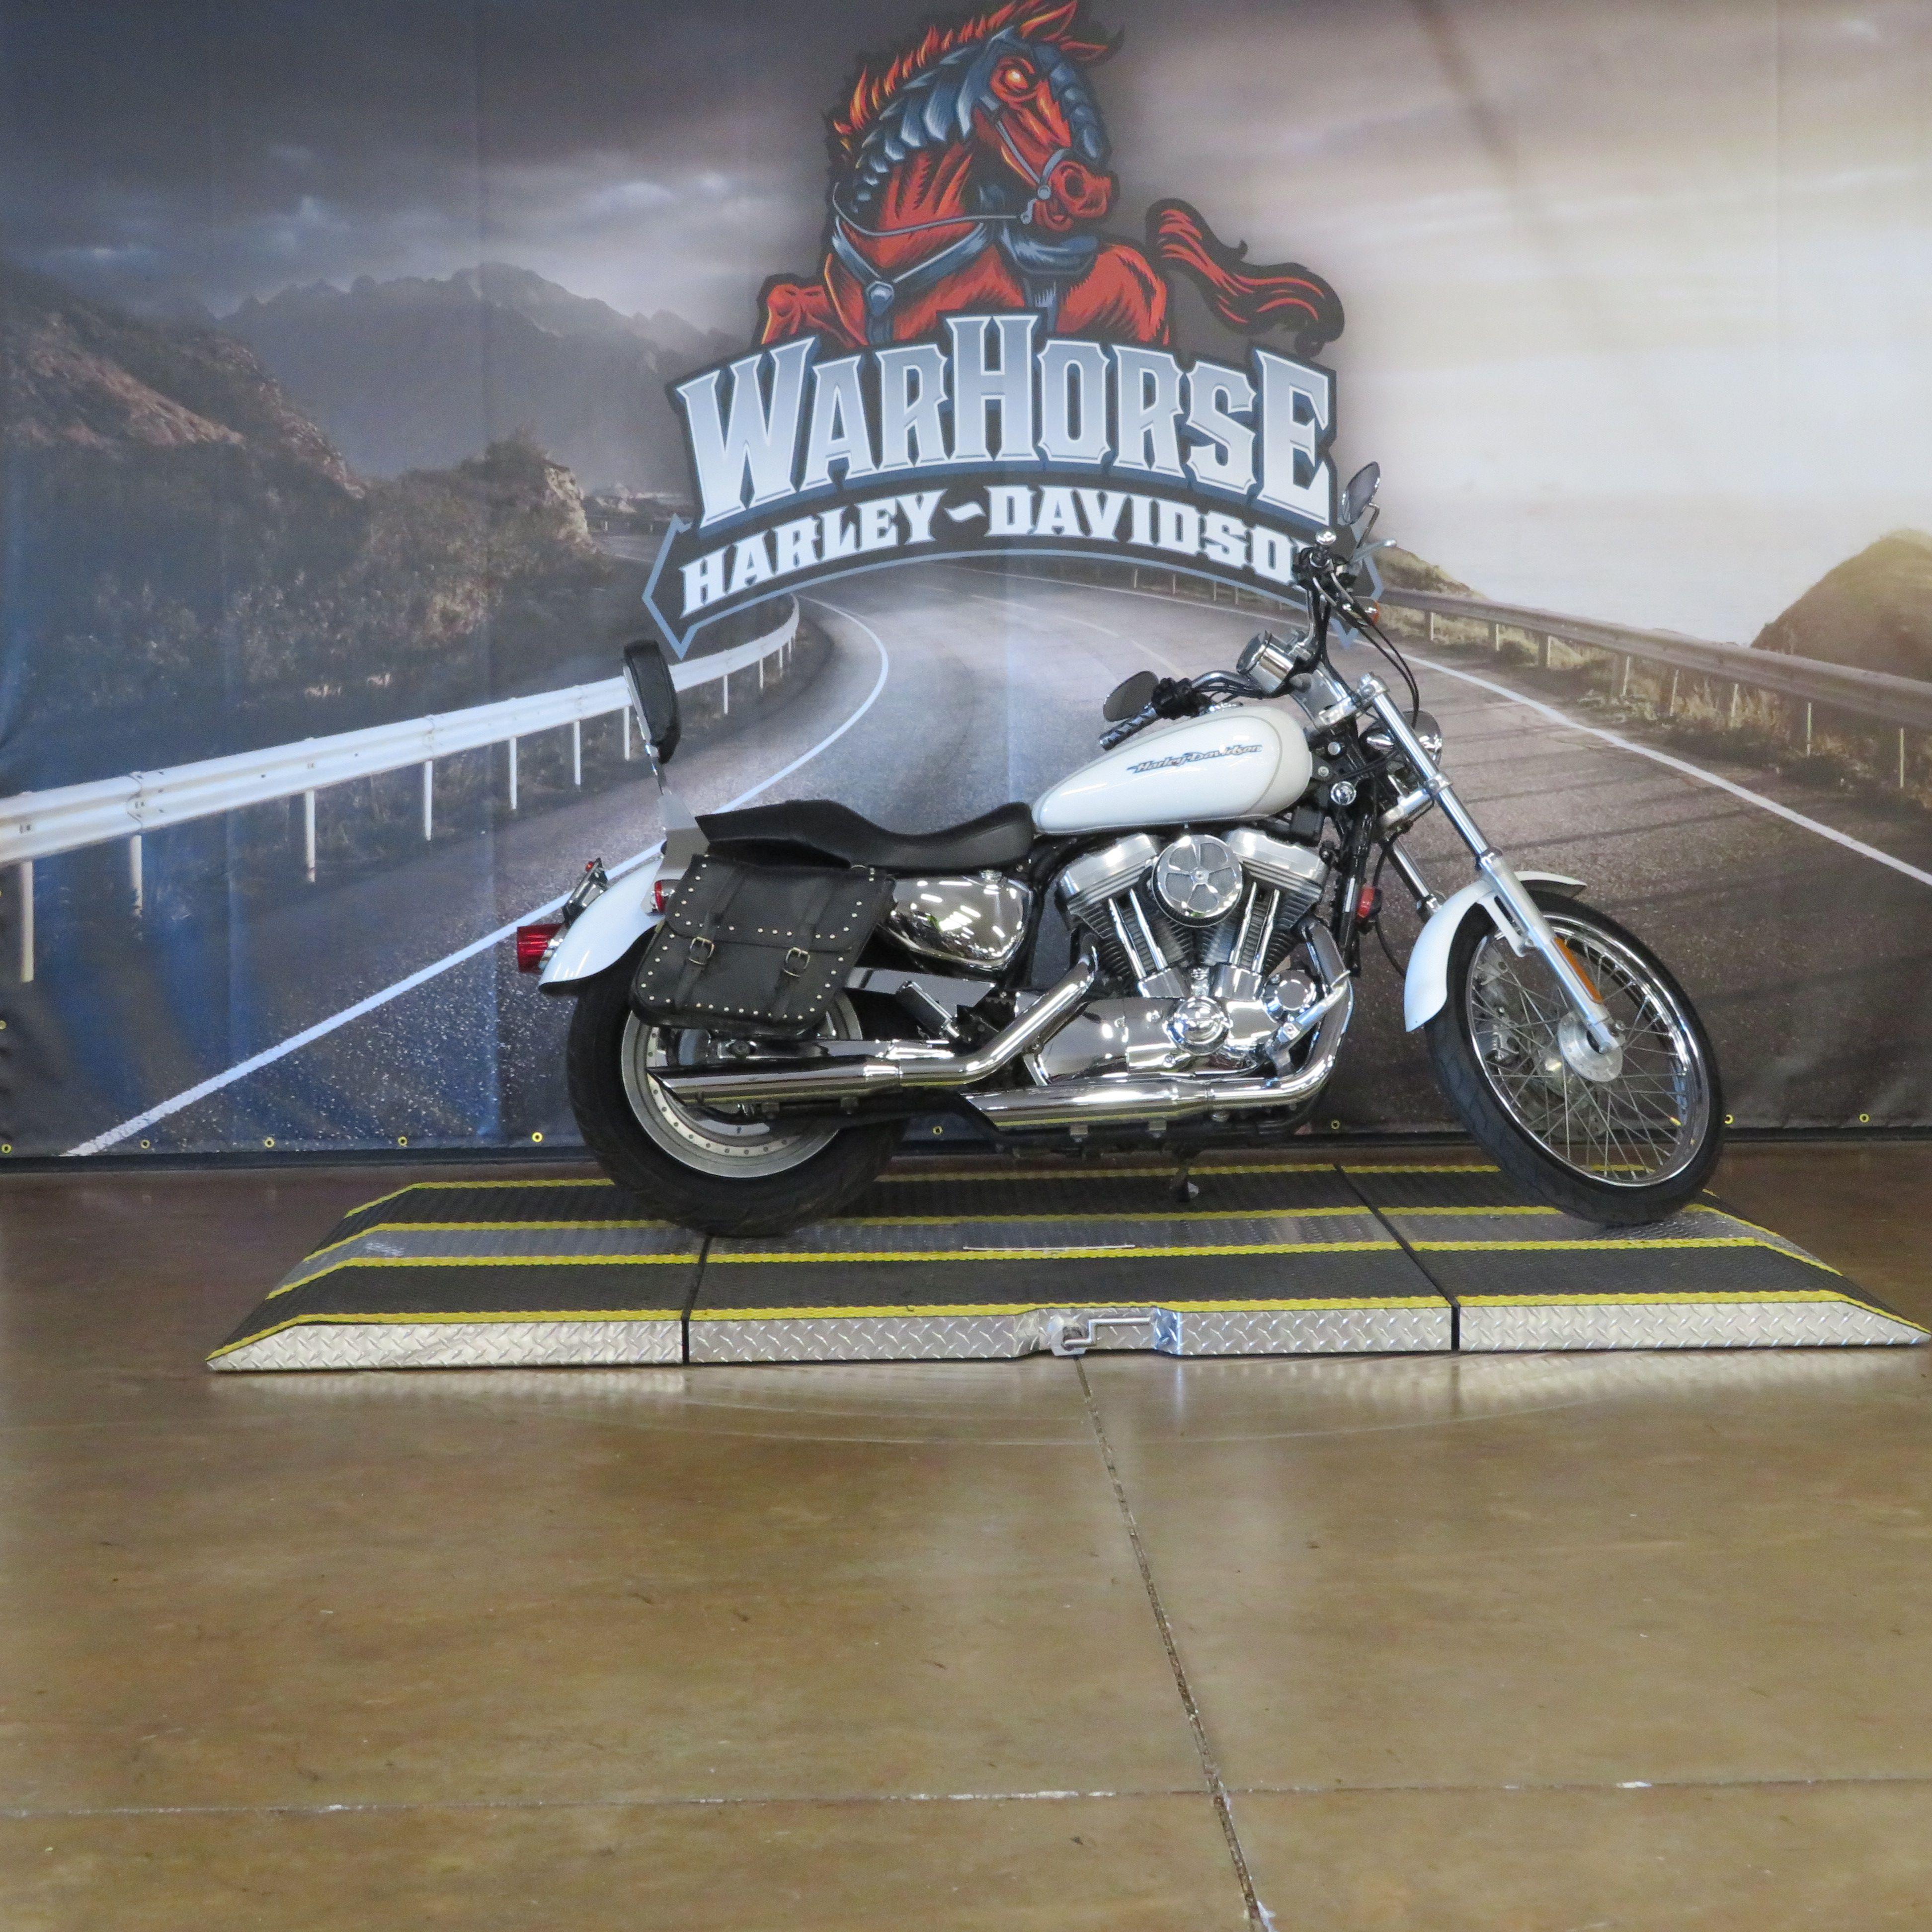 Used Bikes Under 10 000 Near Gainesville War Horse Harley Davidson